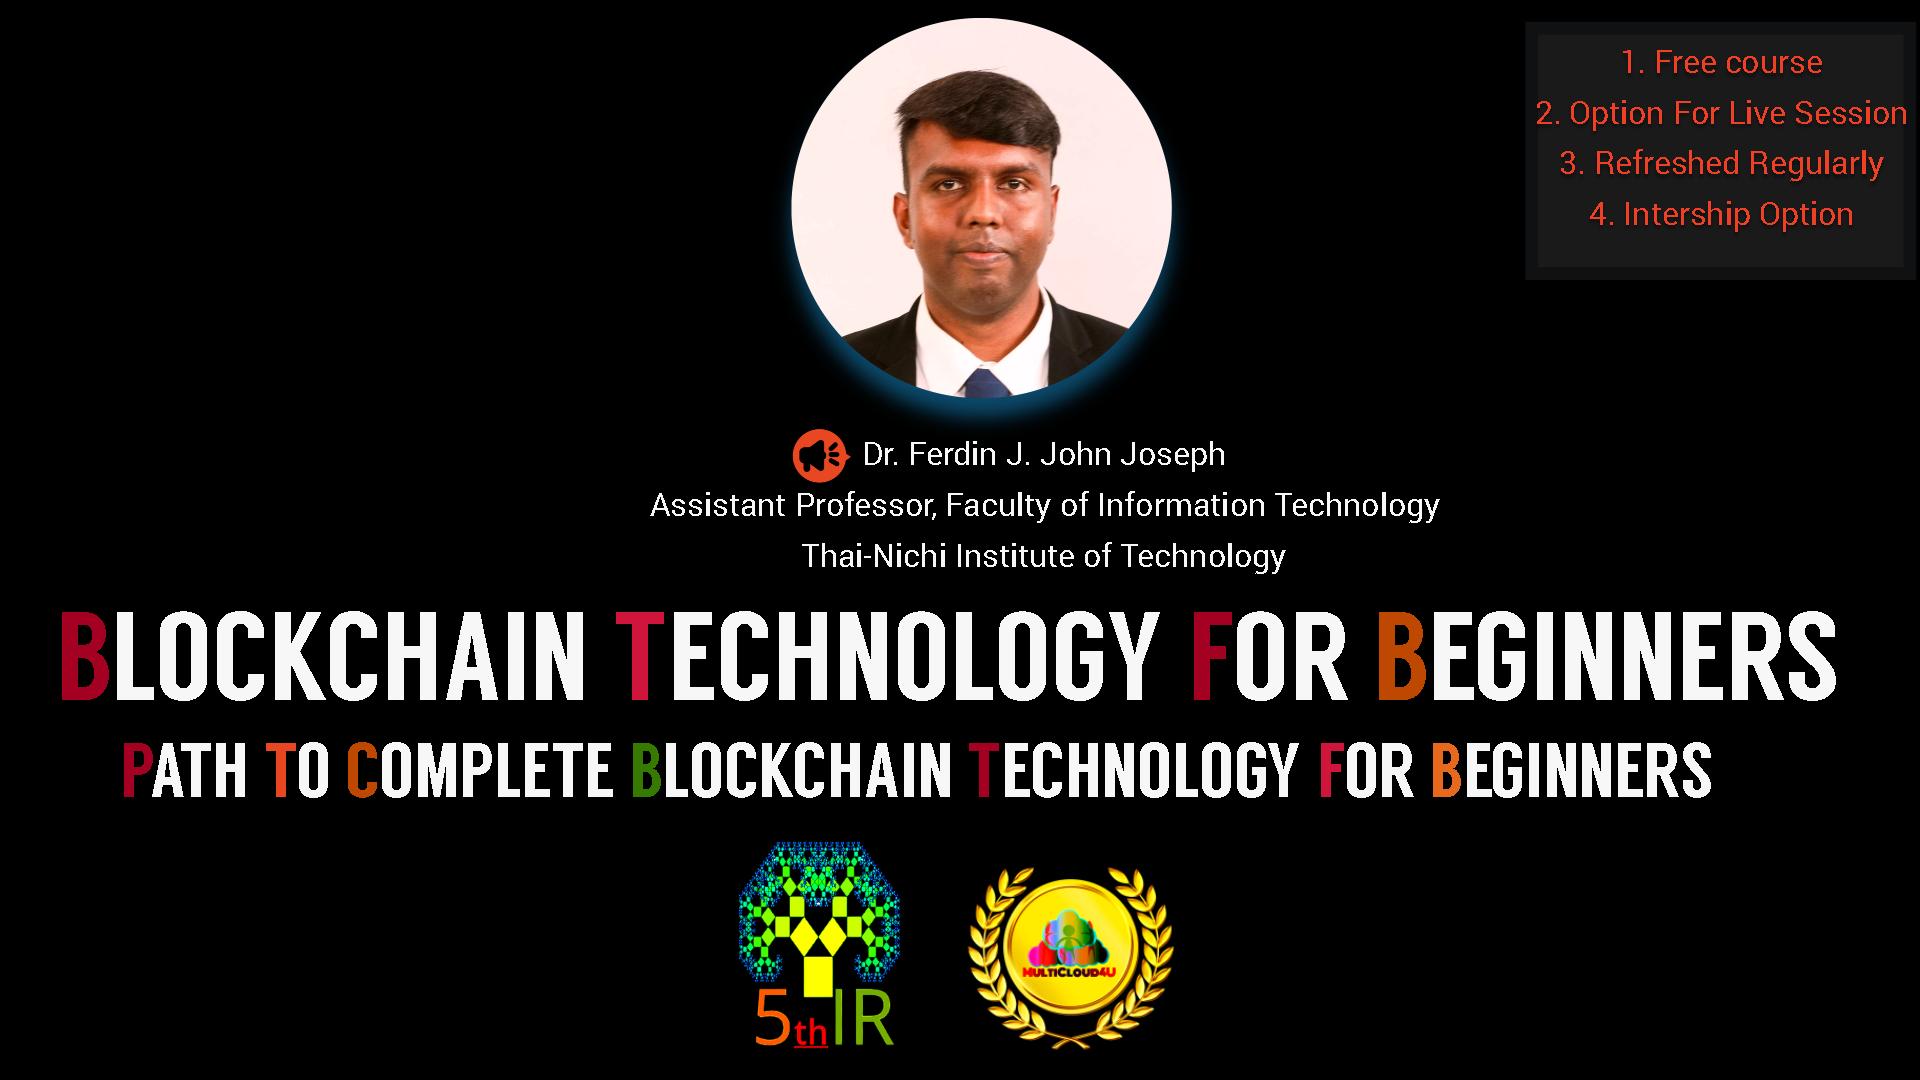 Blockchain Technology For Beginners